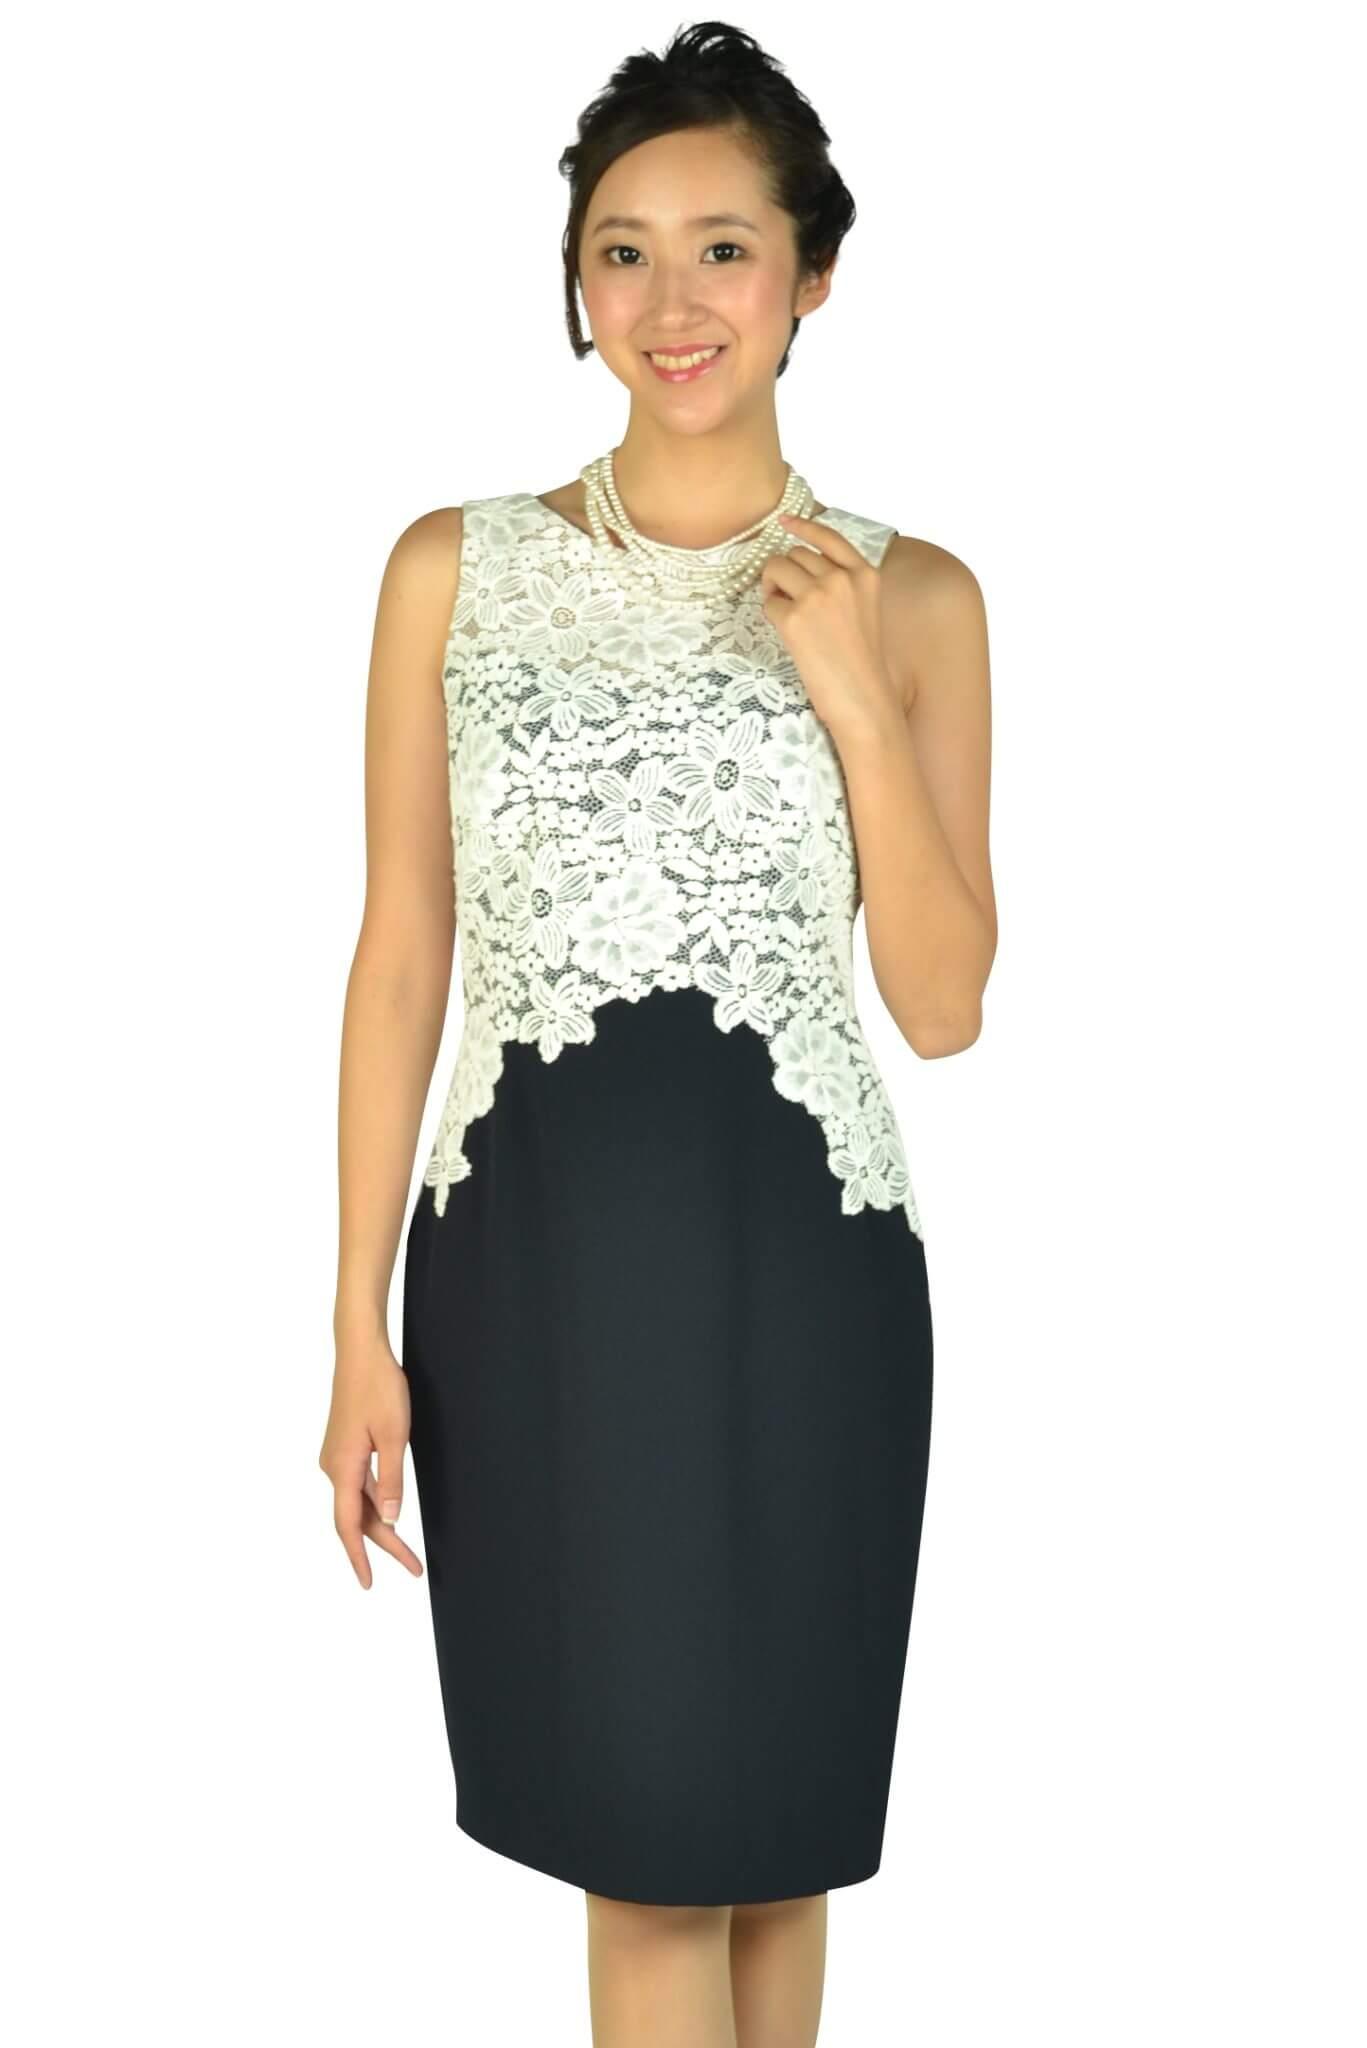 ローレンラルフローレン (LAUREN RALPH LAUREN)Iラインレースホワイト×ネイビードレス